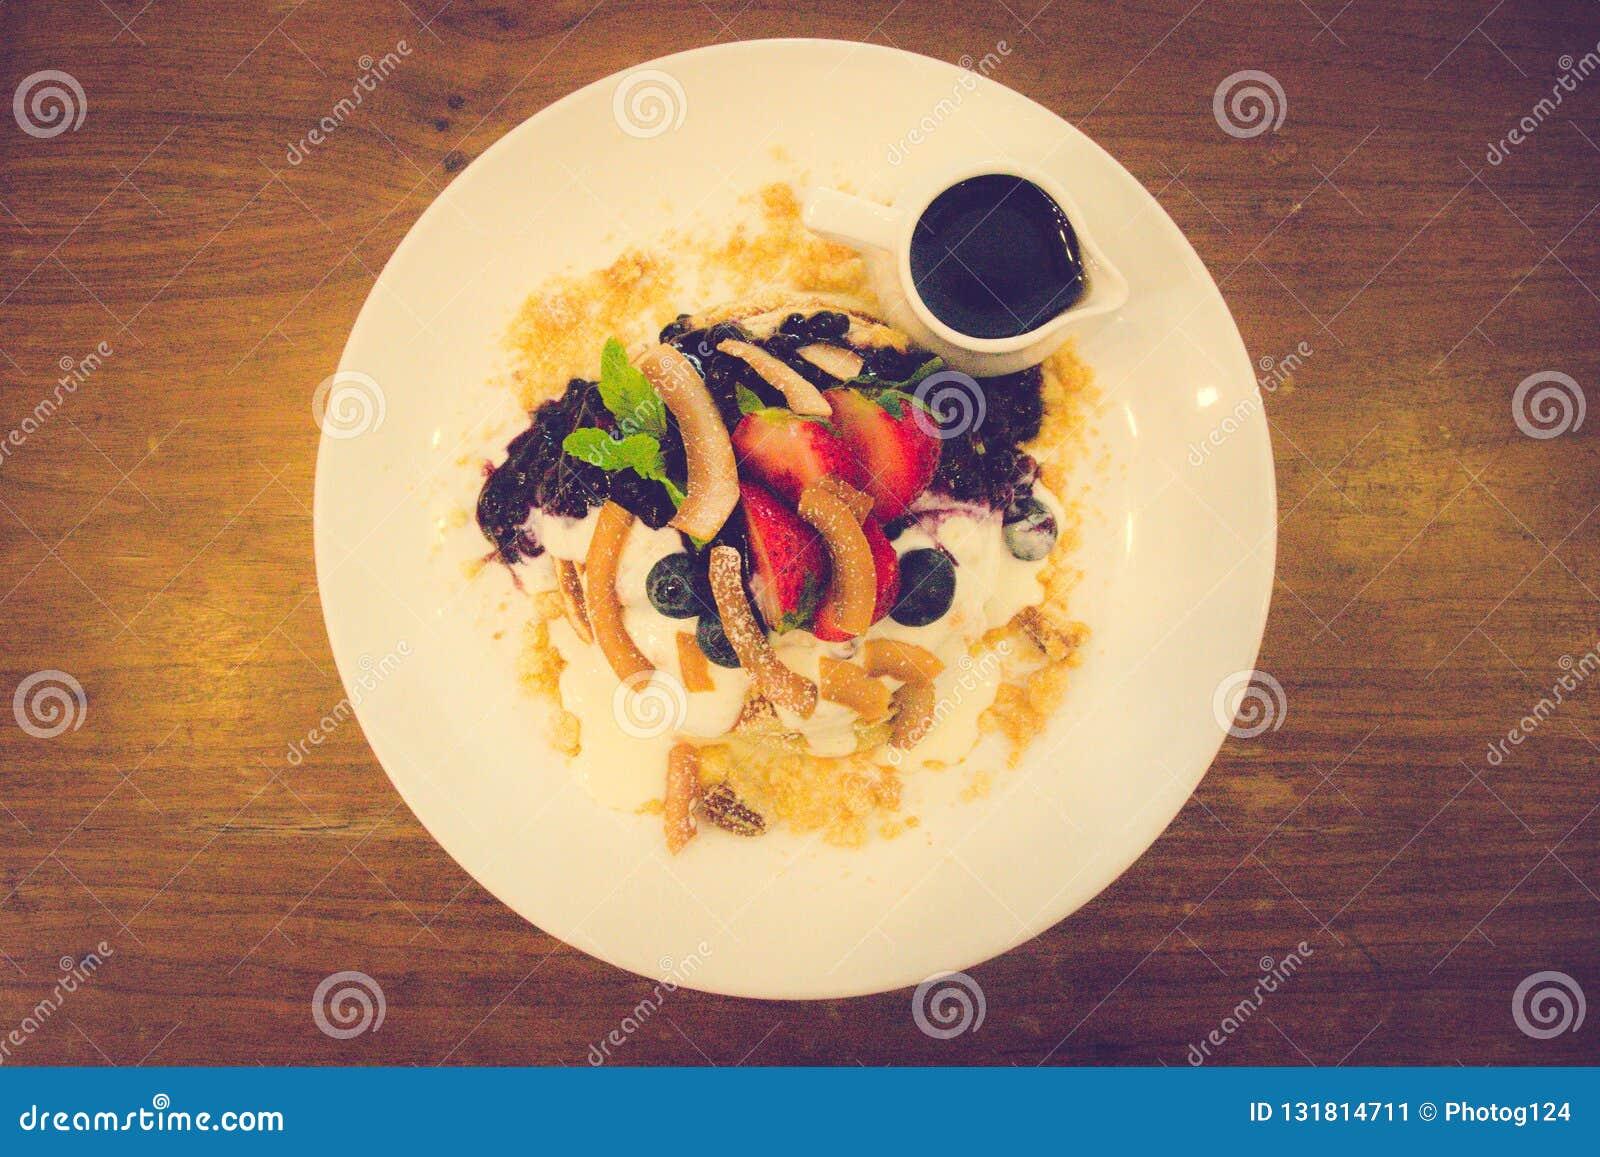 椰子面粉薄煎饼蓝莓蜜饯,新鲜的香蕉鞭打了希腊酸奶